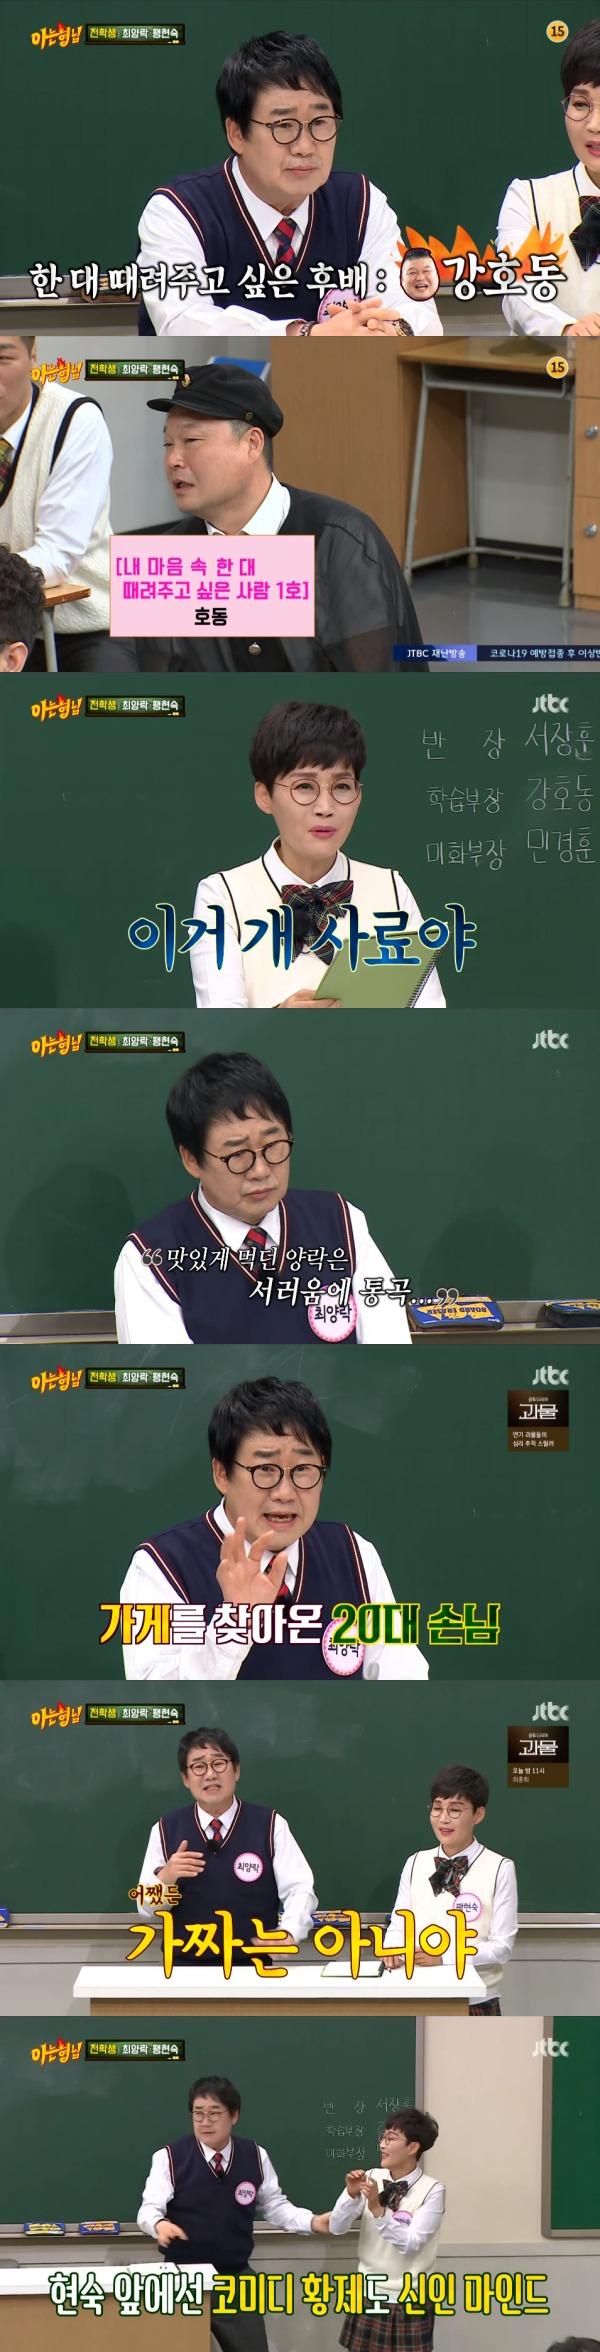 '아는형님' 팽현숙X최양락, 1호의 위엄…입담만으로 시간 삭제(종합)